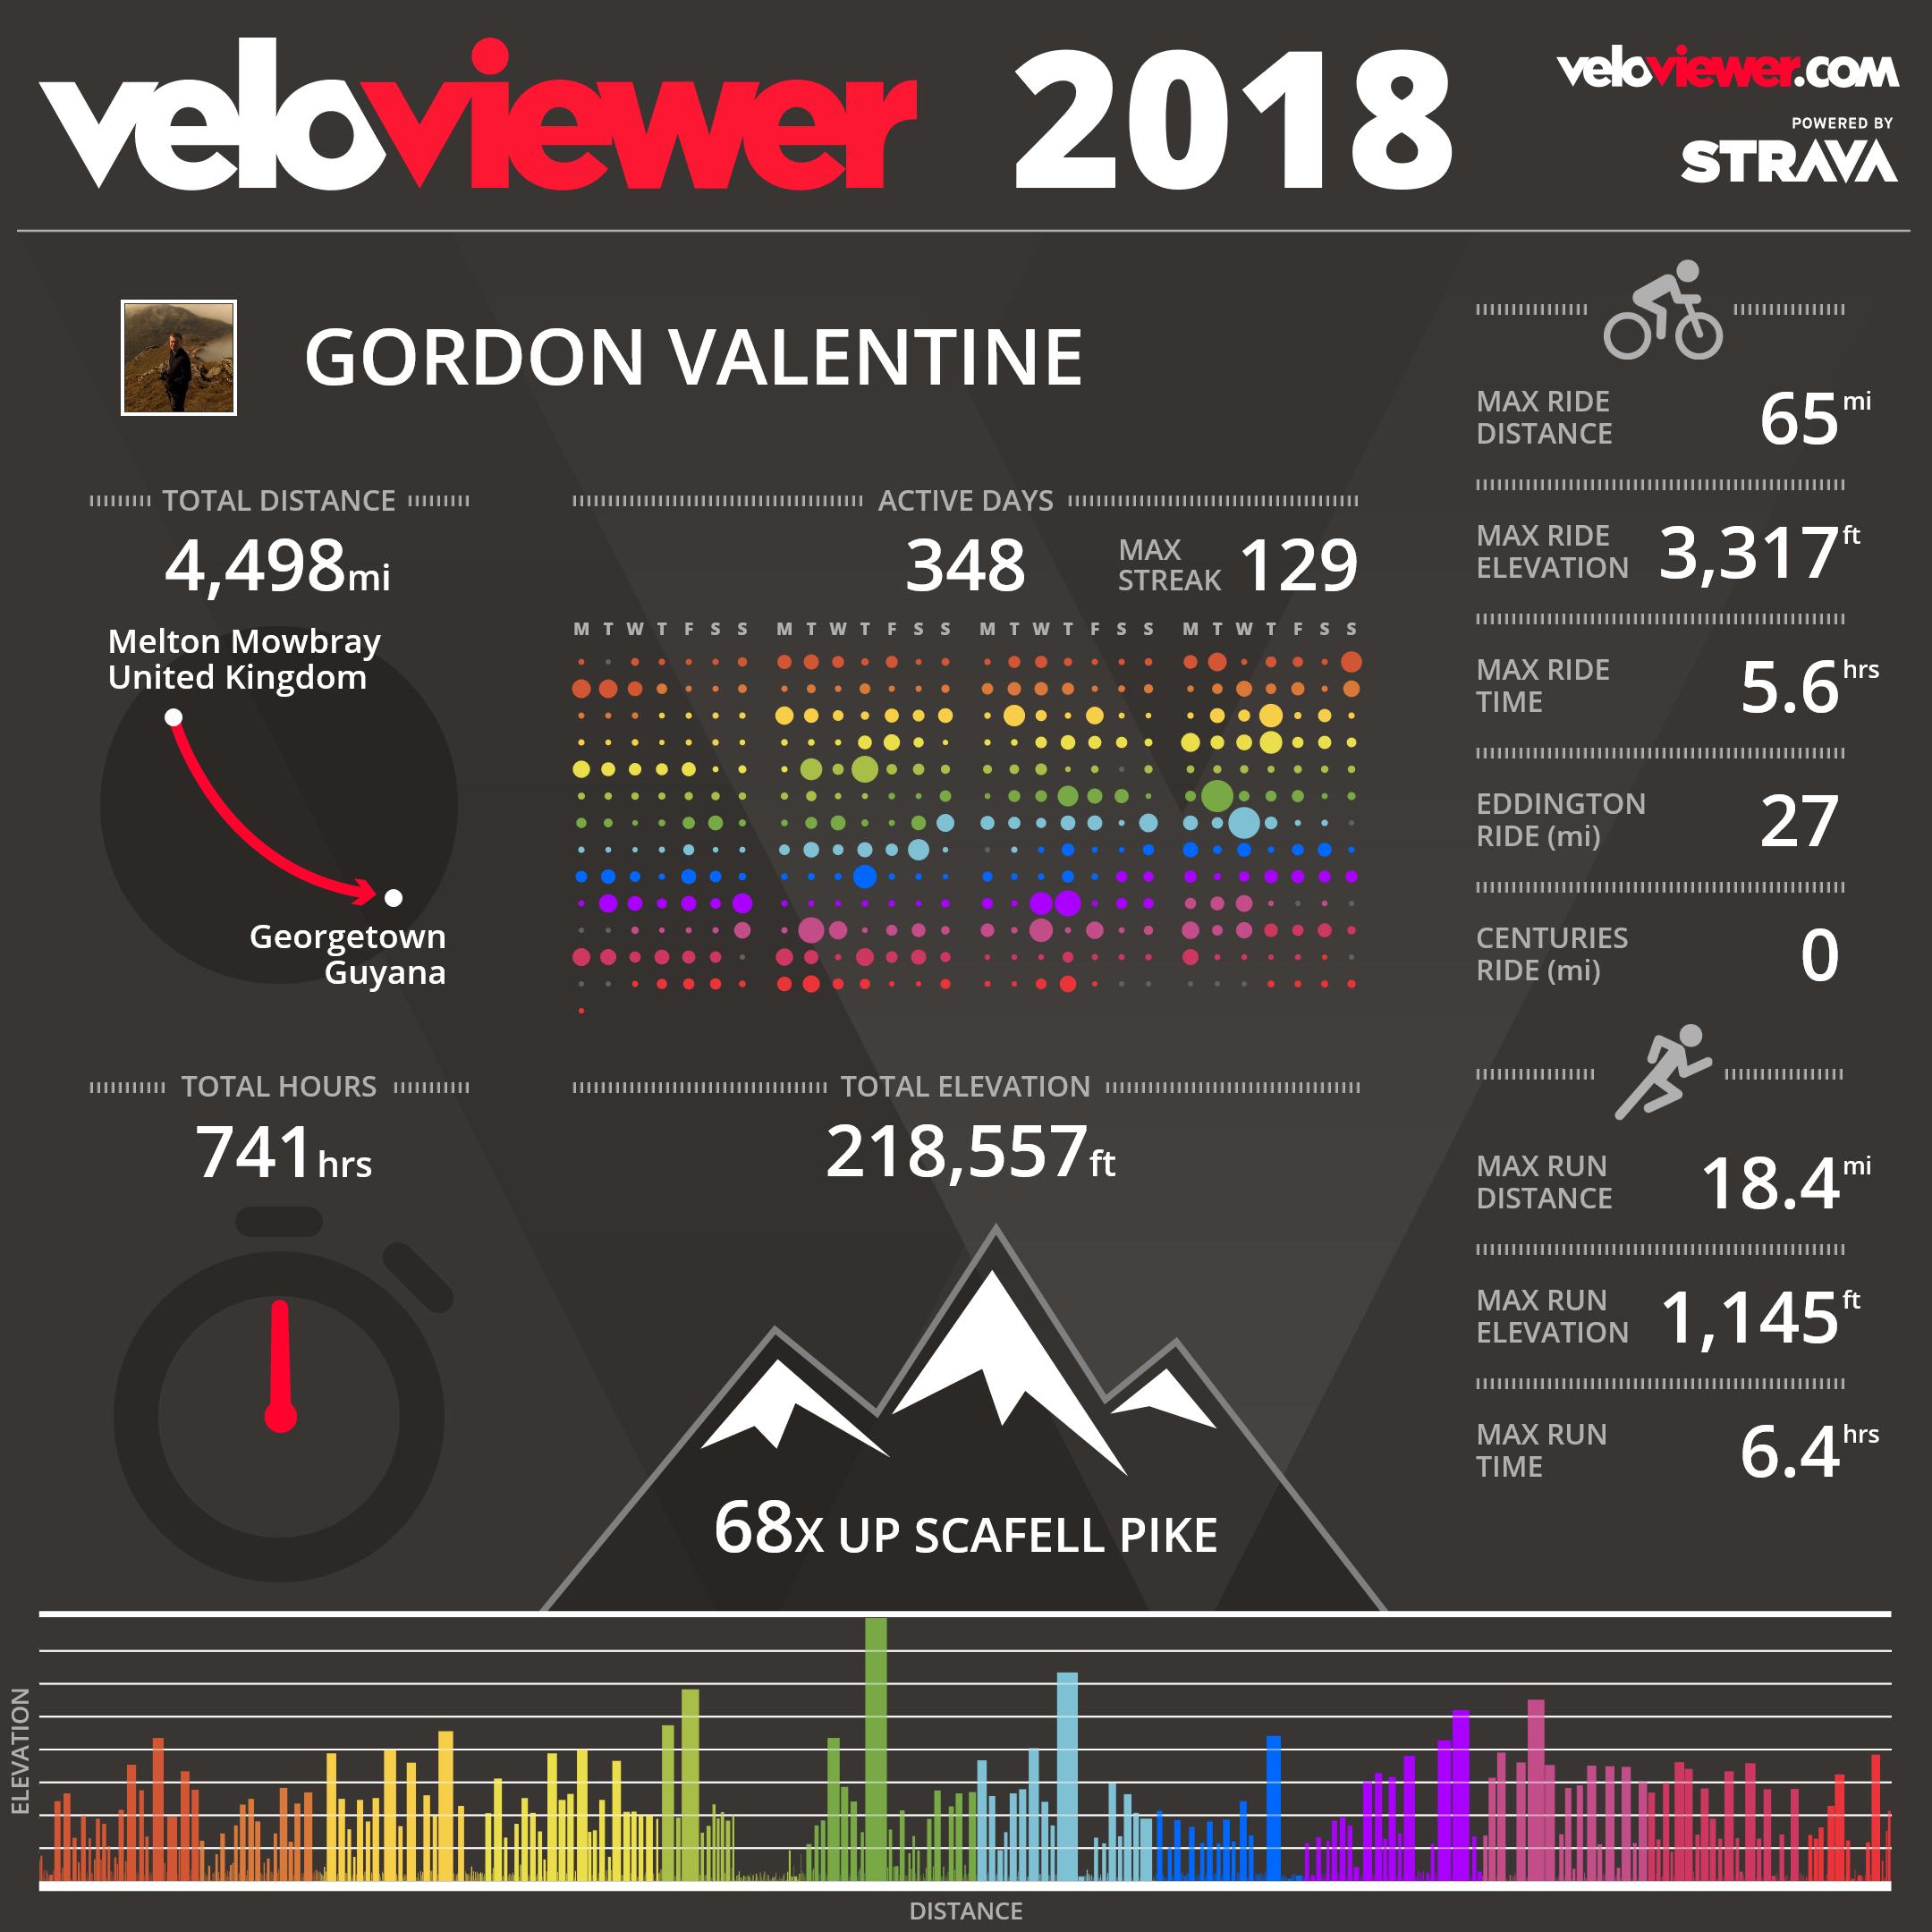 veloviewer infographic 2018